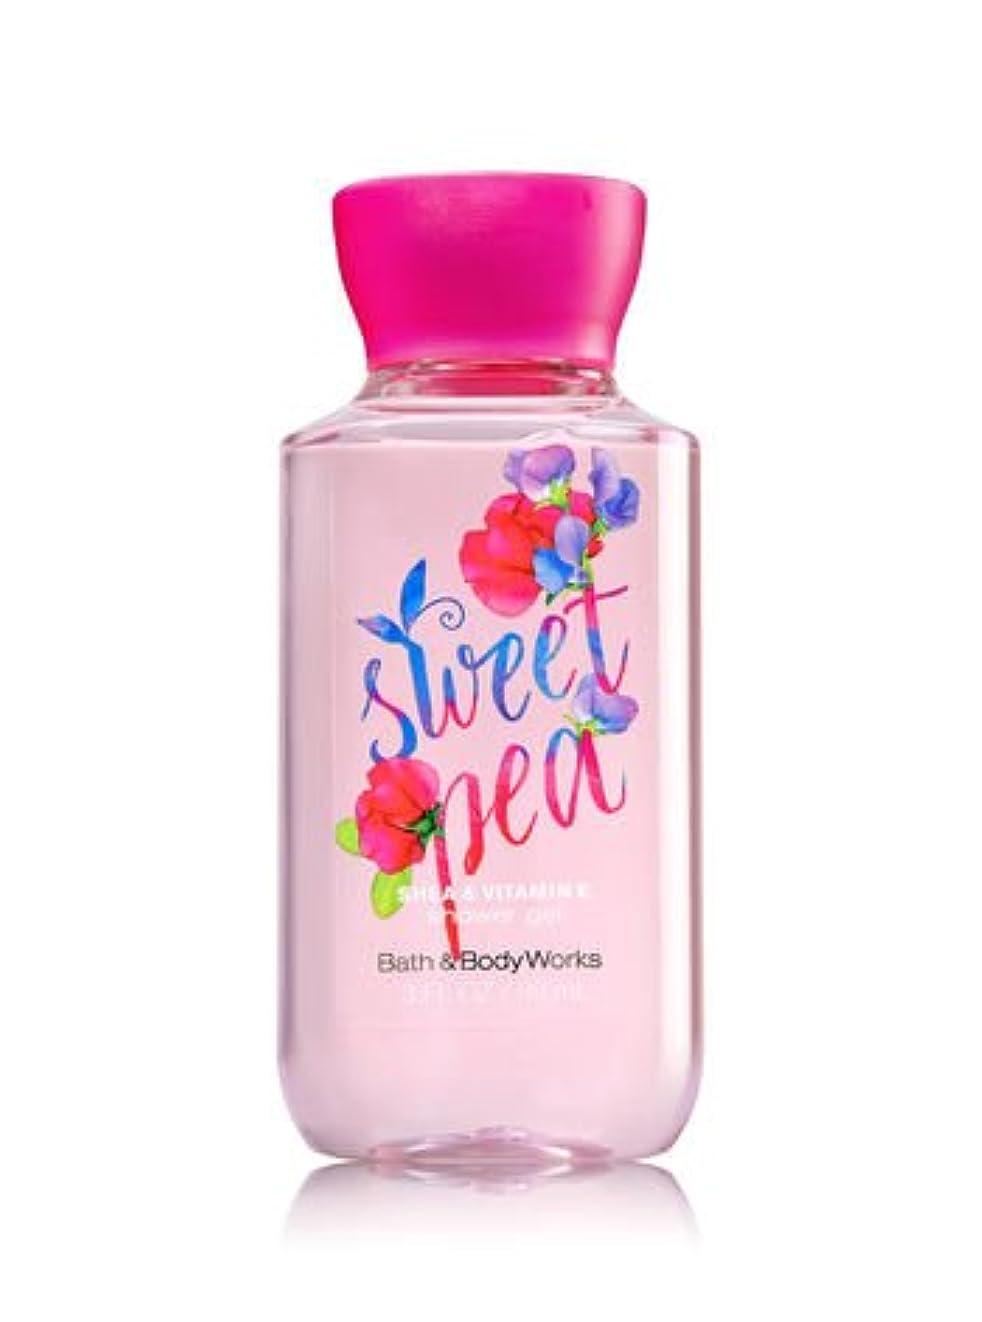 慈善等々一口バス&ボディワークス スイトピーシャワージェル トラベルサイズ Sweet pea shower gel Travel-Size [並行輸入品]